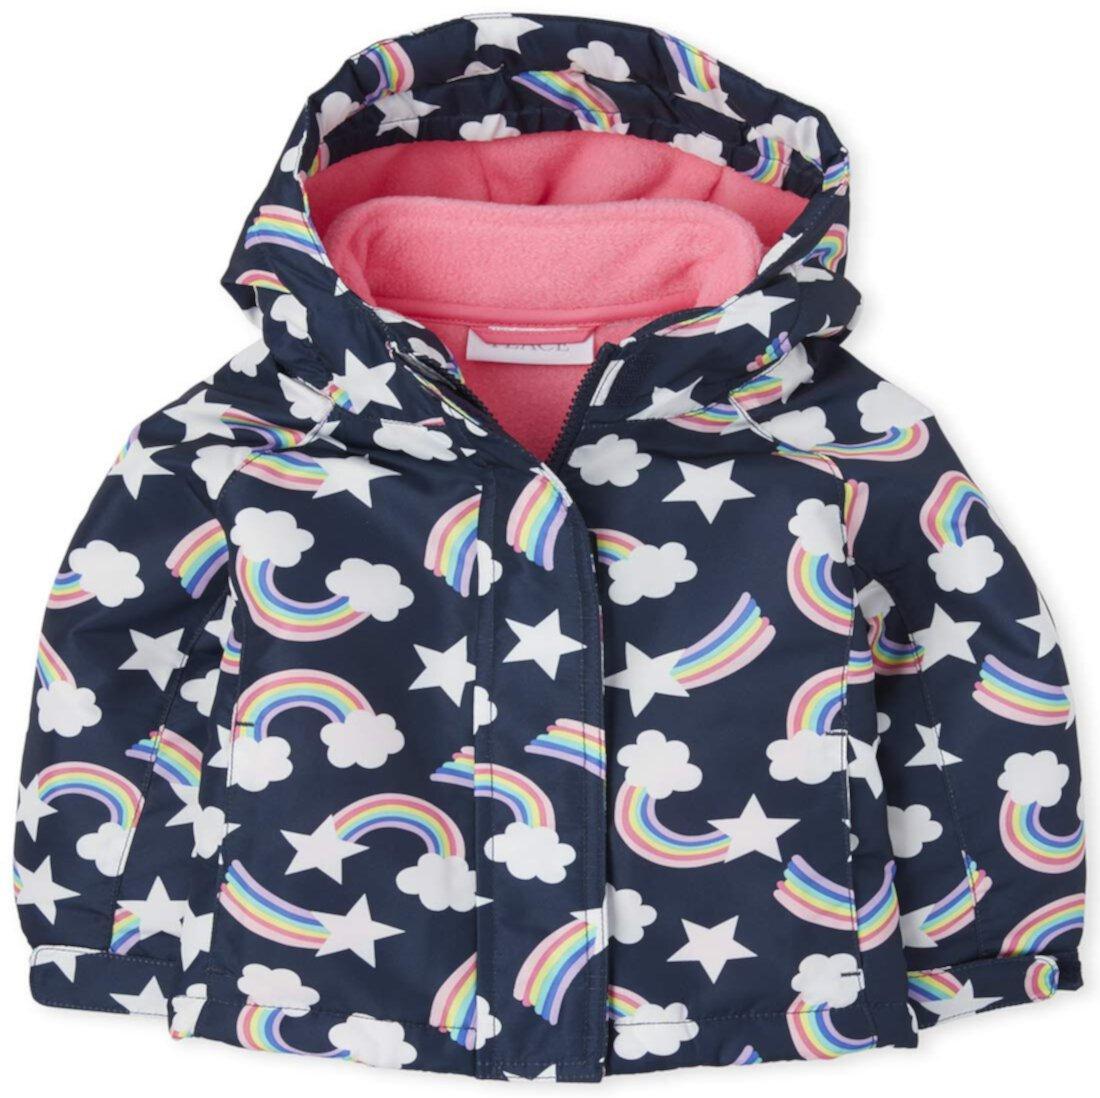 Куртка 3 в 1 с принтом для малышей The Children's Place